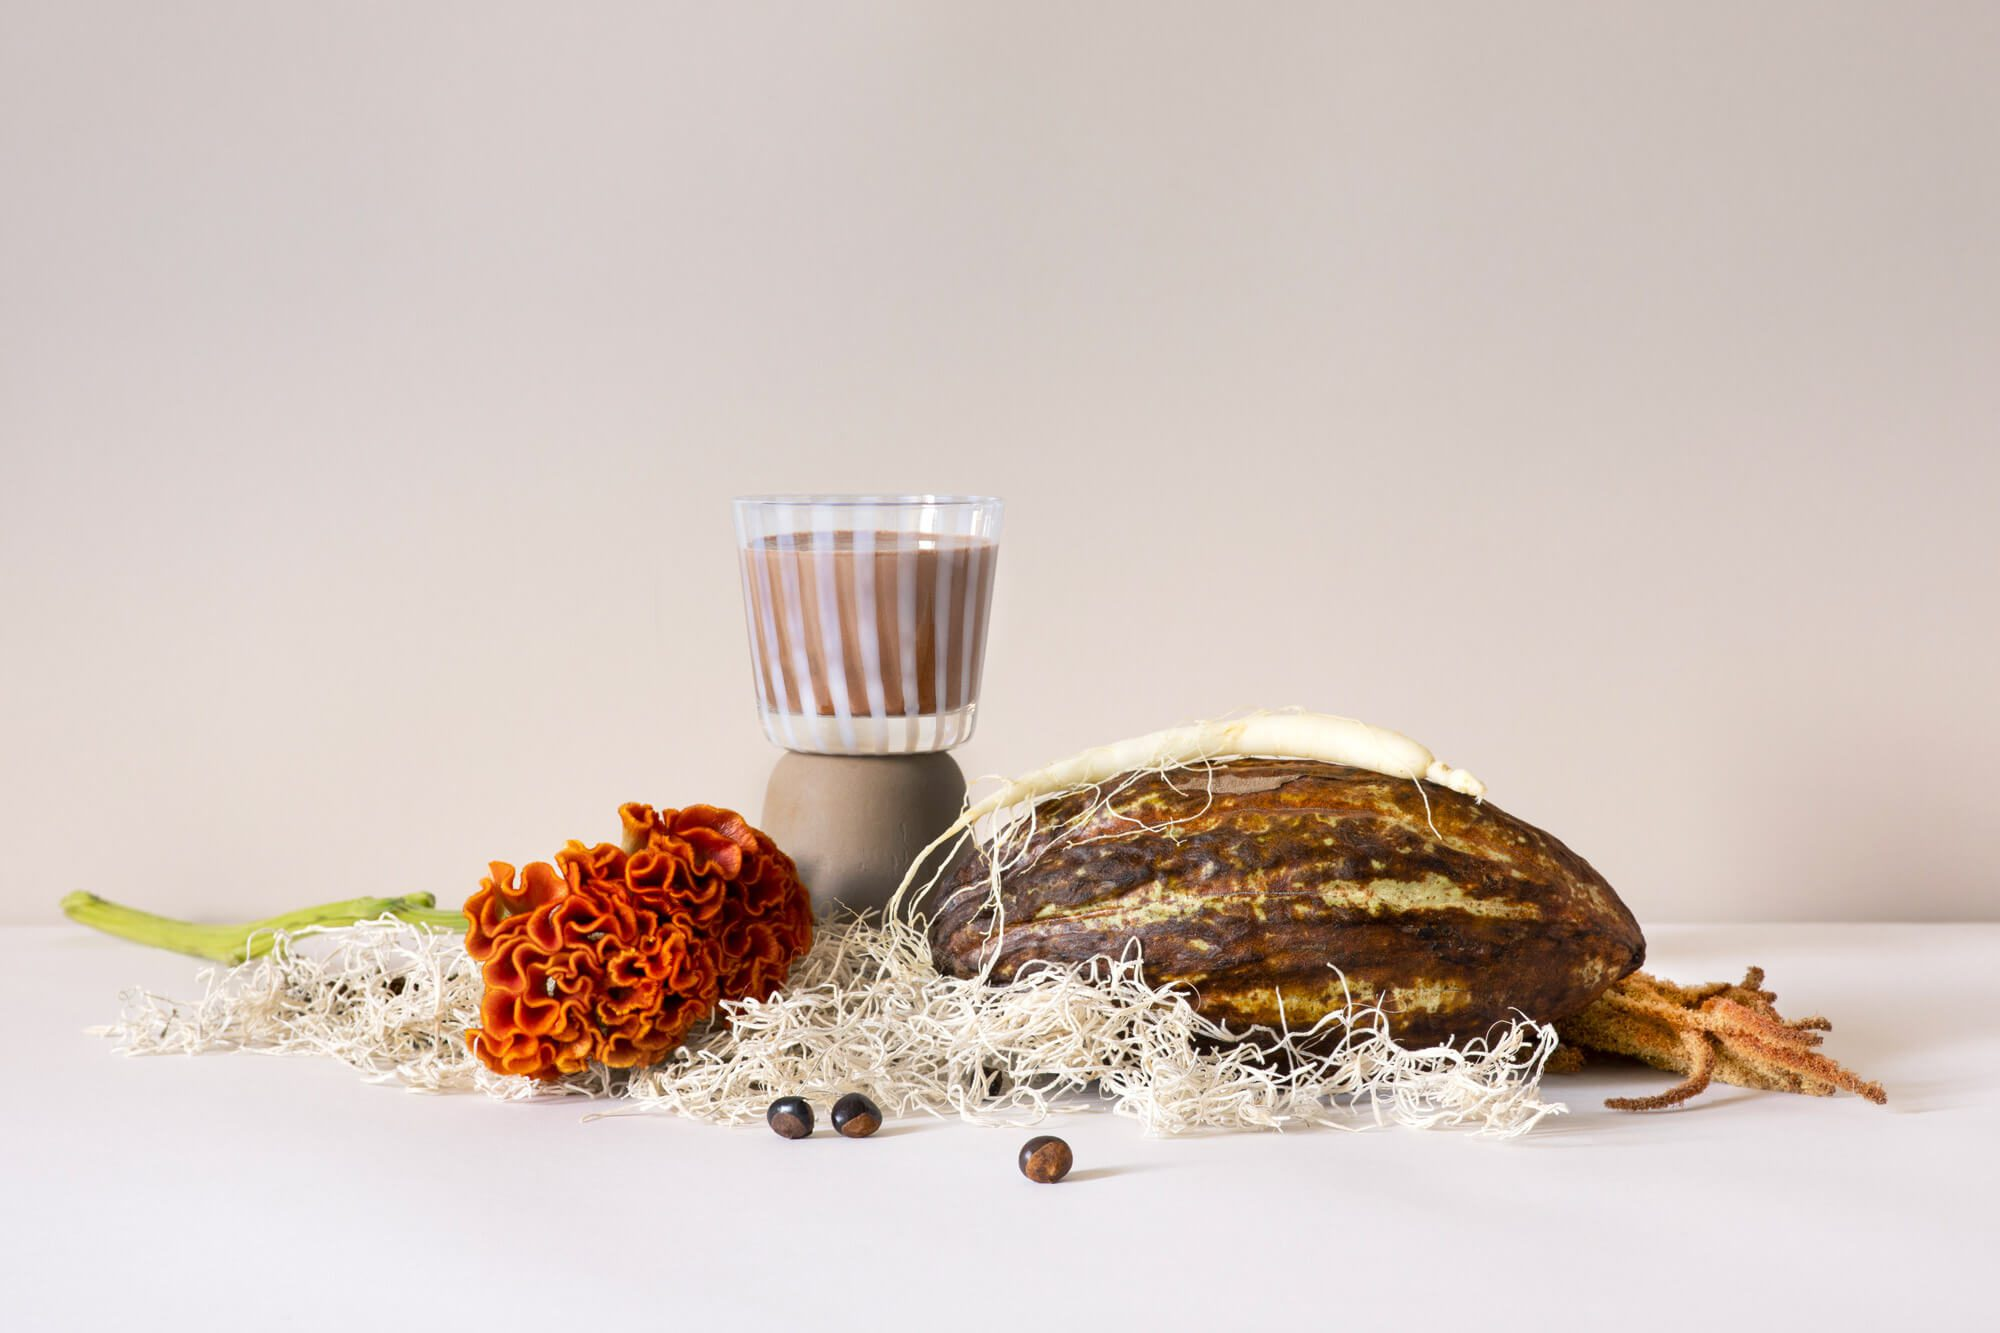 une nature morte autour du cacao et du guarana, pour la série de photographie autour des laits infusés, direction artistique Ich&Kar pour la milkfactory